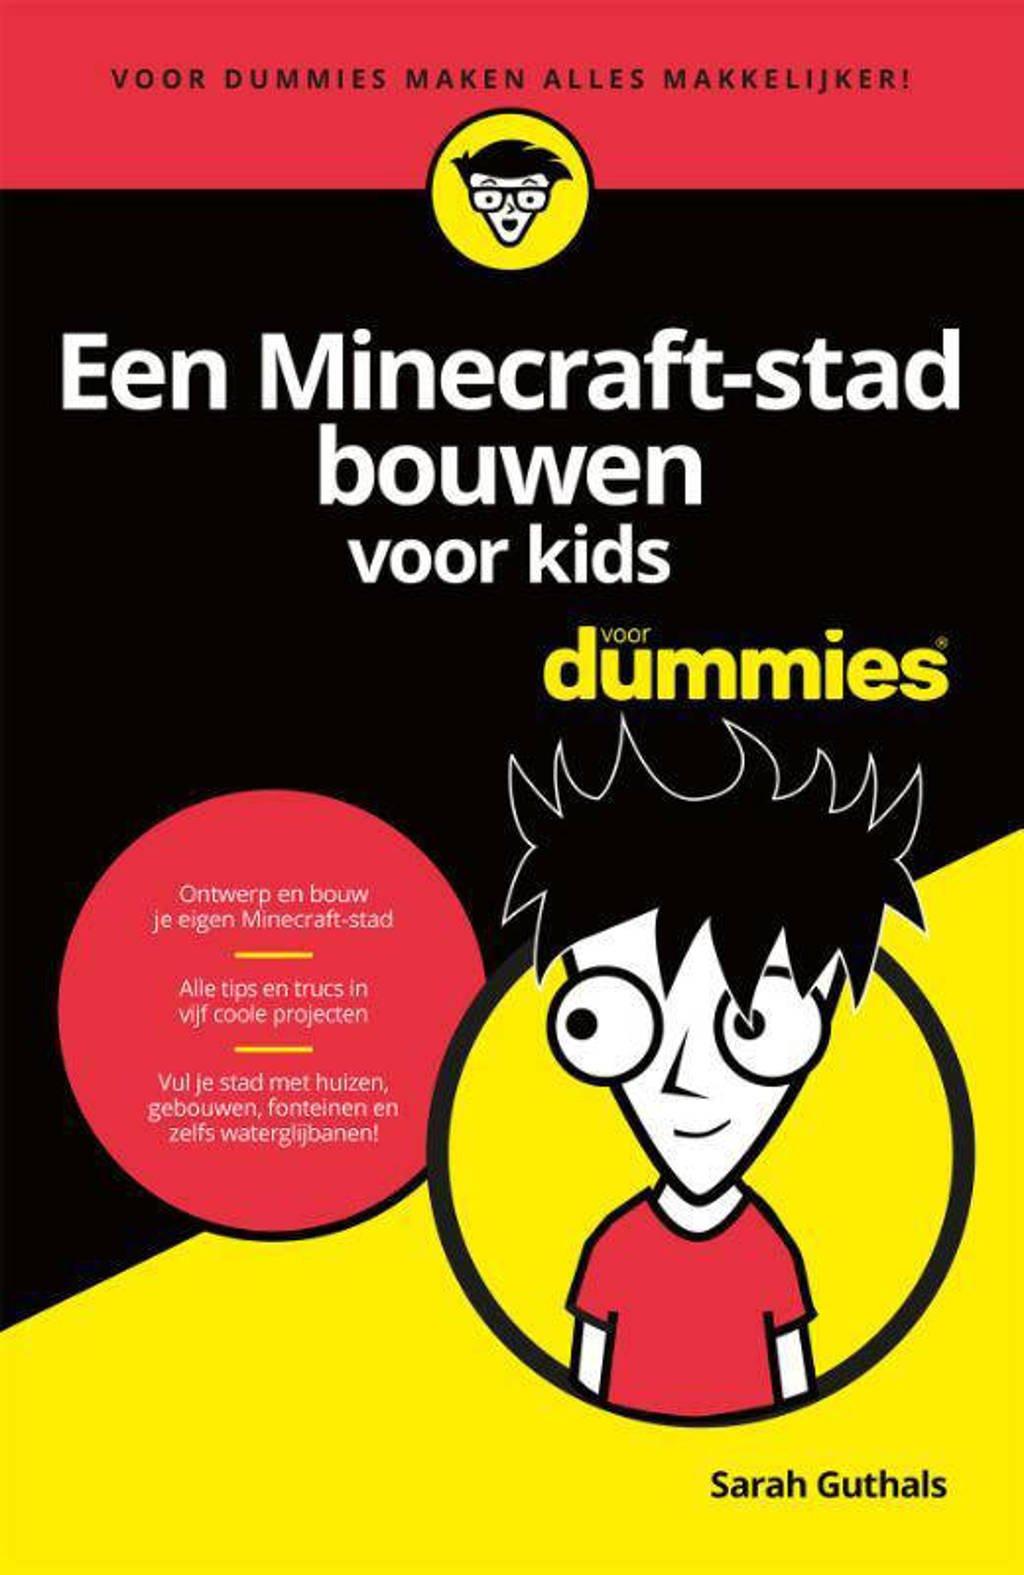 Voor Dummies: Een Minecraft-stad bouwen voor kids voor dummies - Sarah Guthals